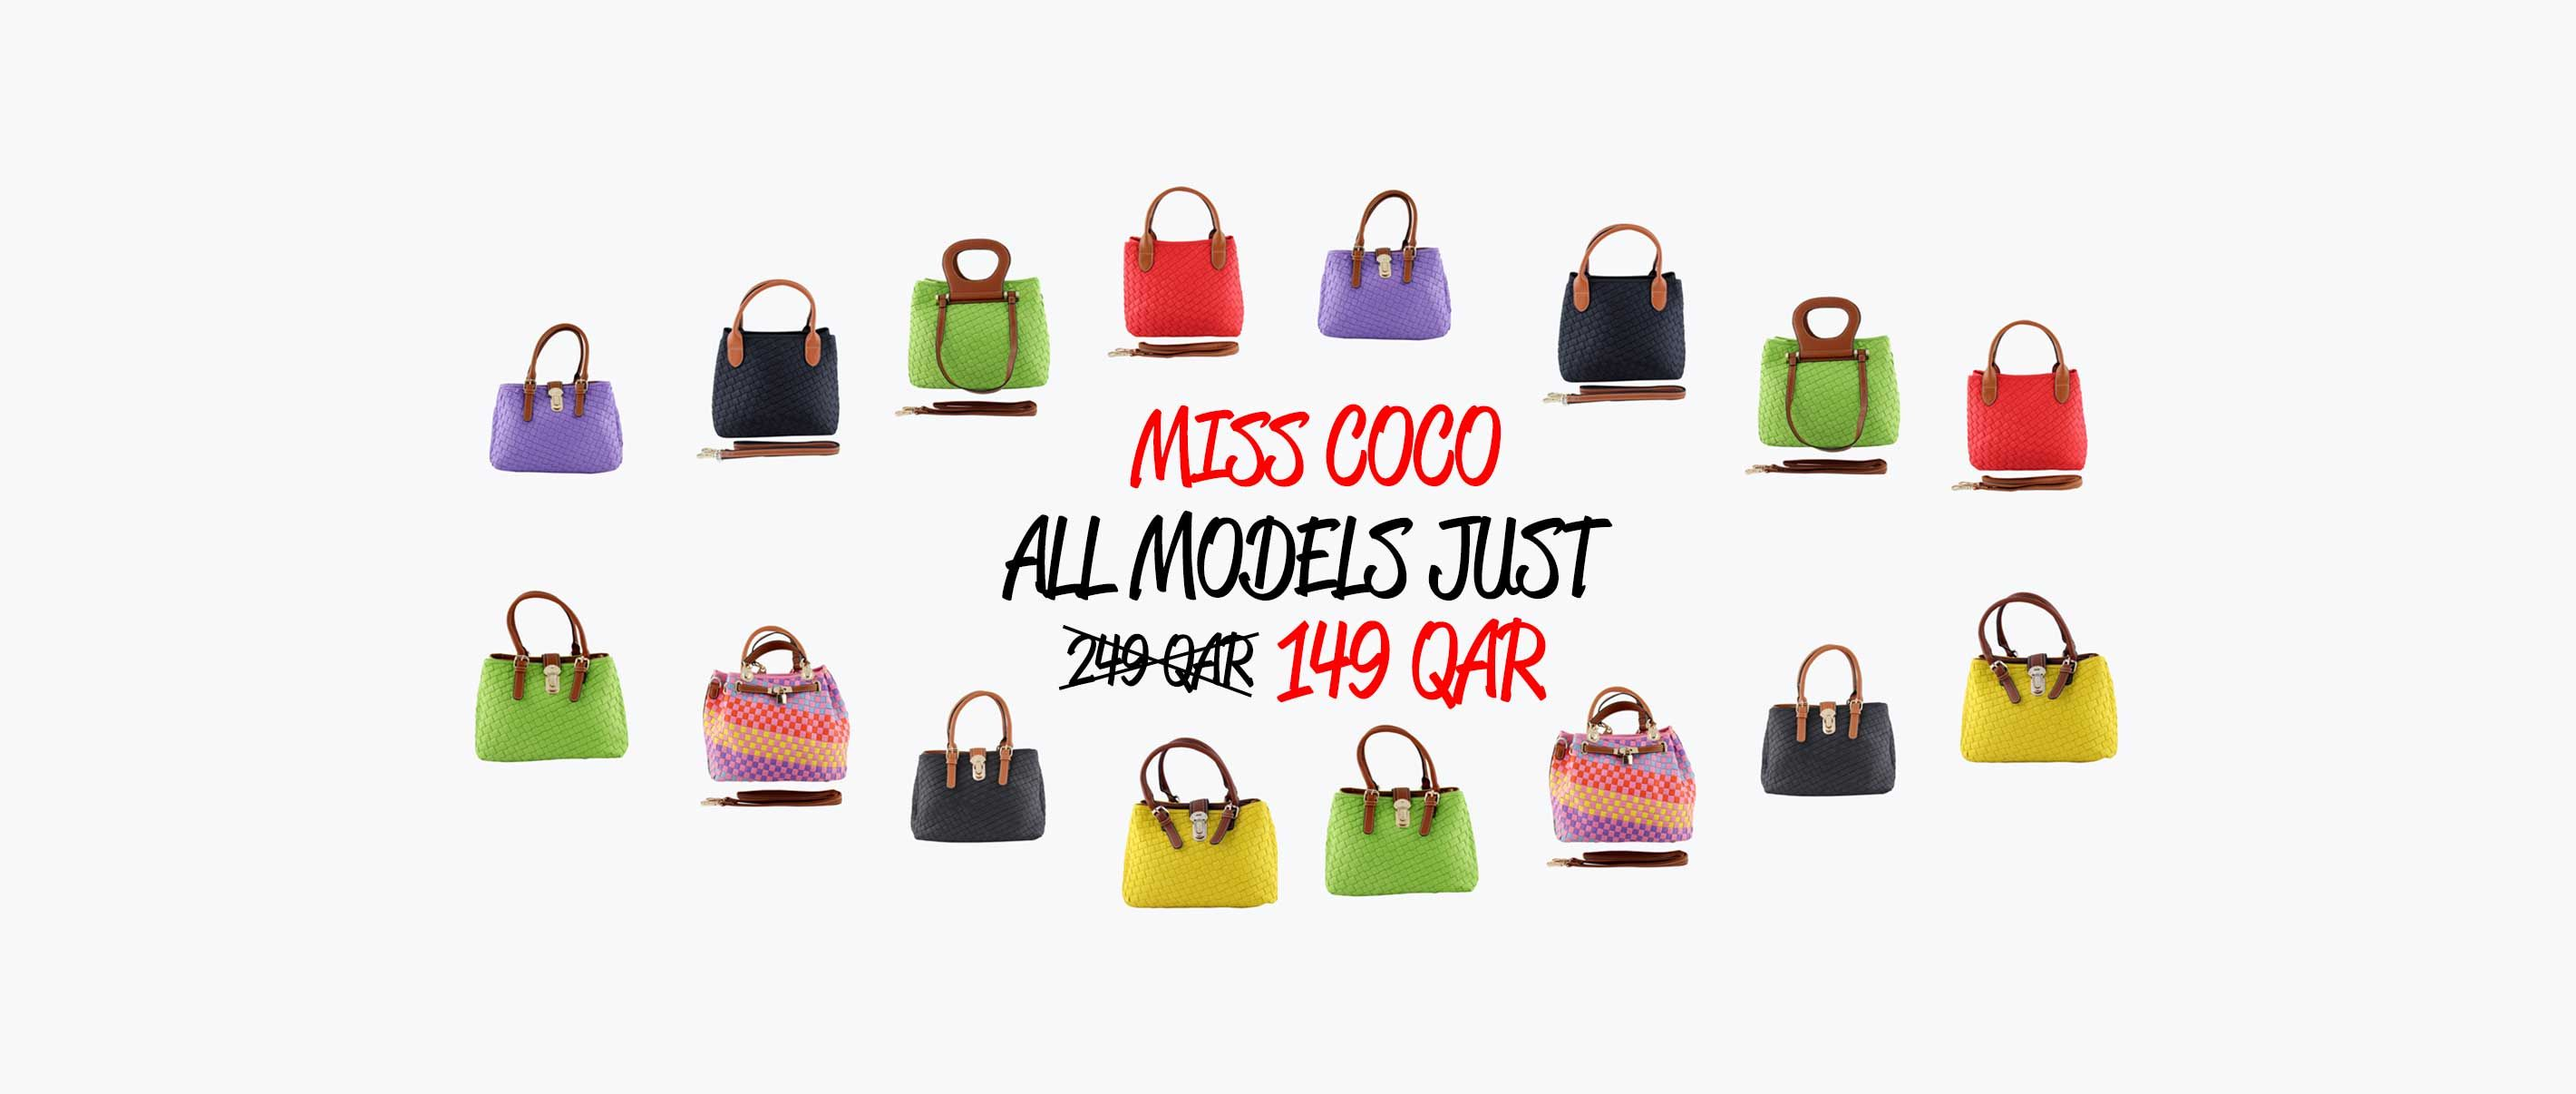 Ladies designer bags in Qatar Fashion online shop